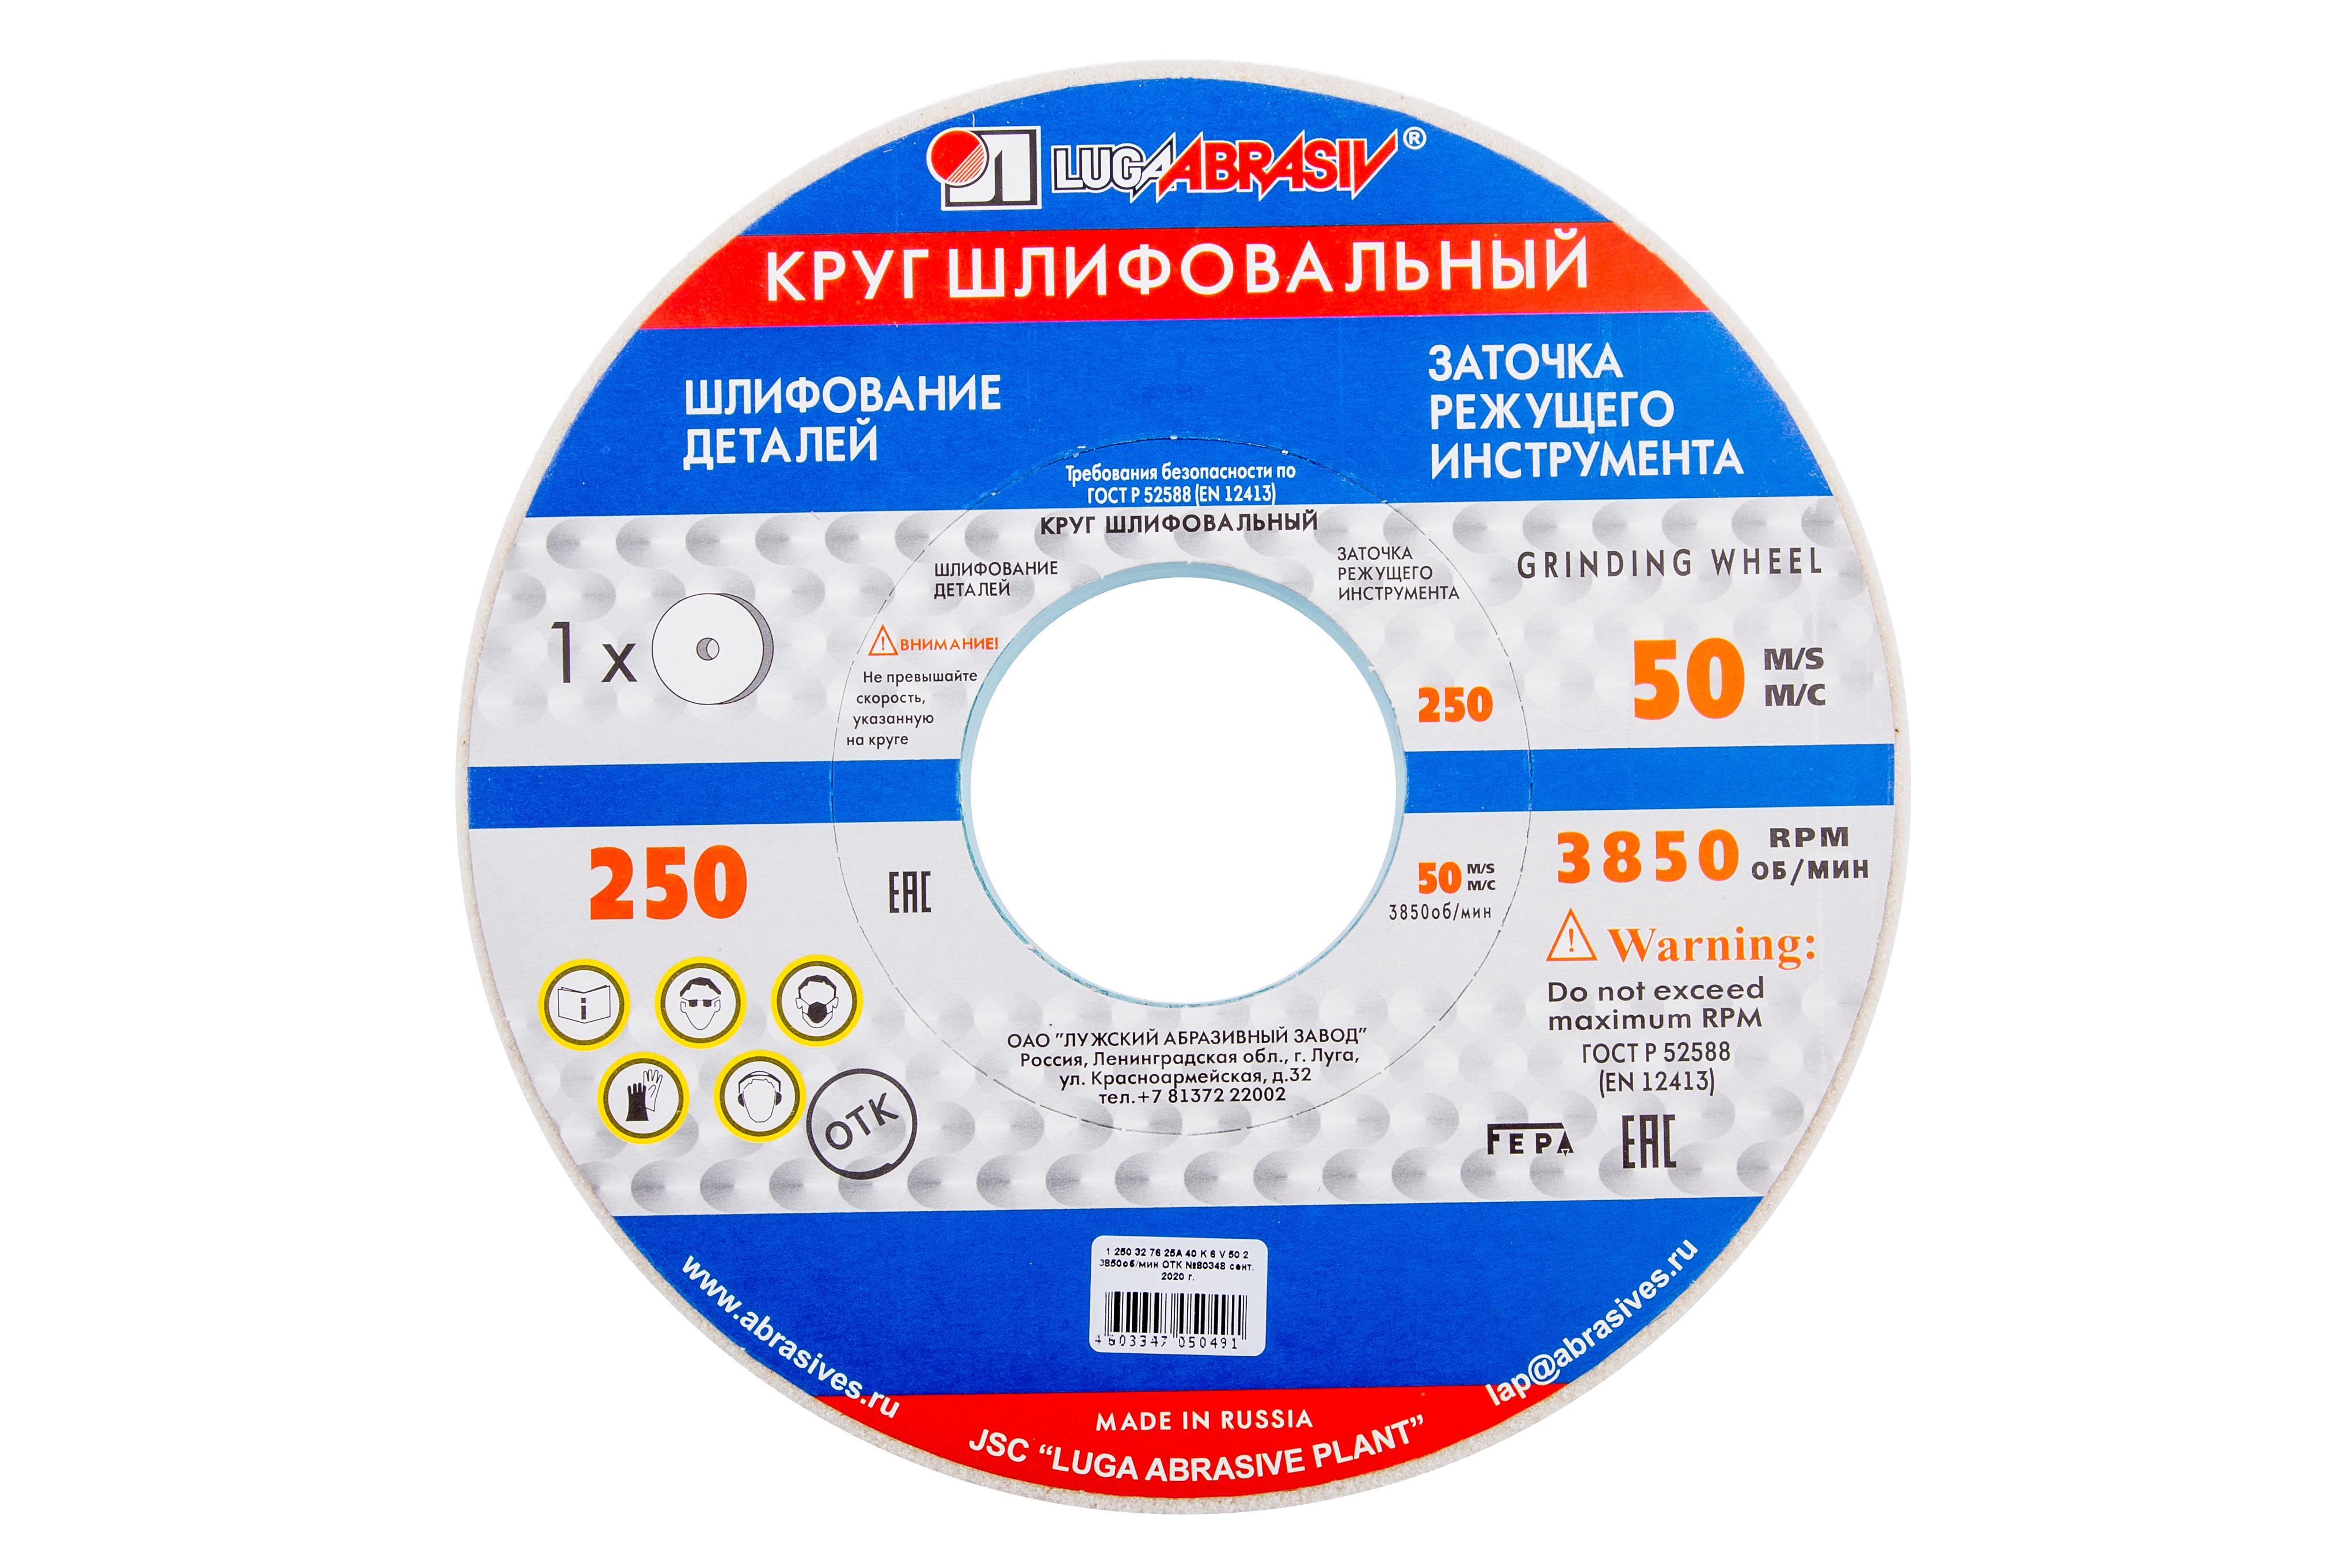 Круг шлифовальный ЛУГА-АБРАЗИВ 1 250 Х 32 Х 76 25А 40 k,l круг шлифовальный луга абразив 1 250 х 32 х 32 25а 40 k l